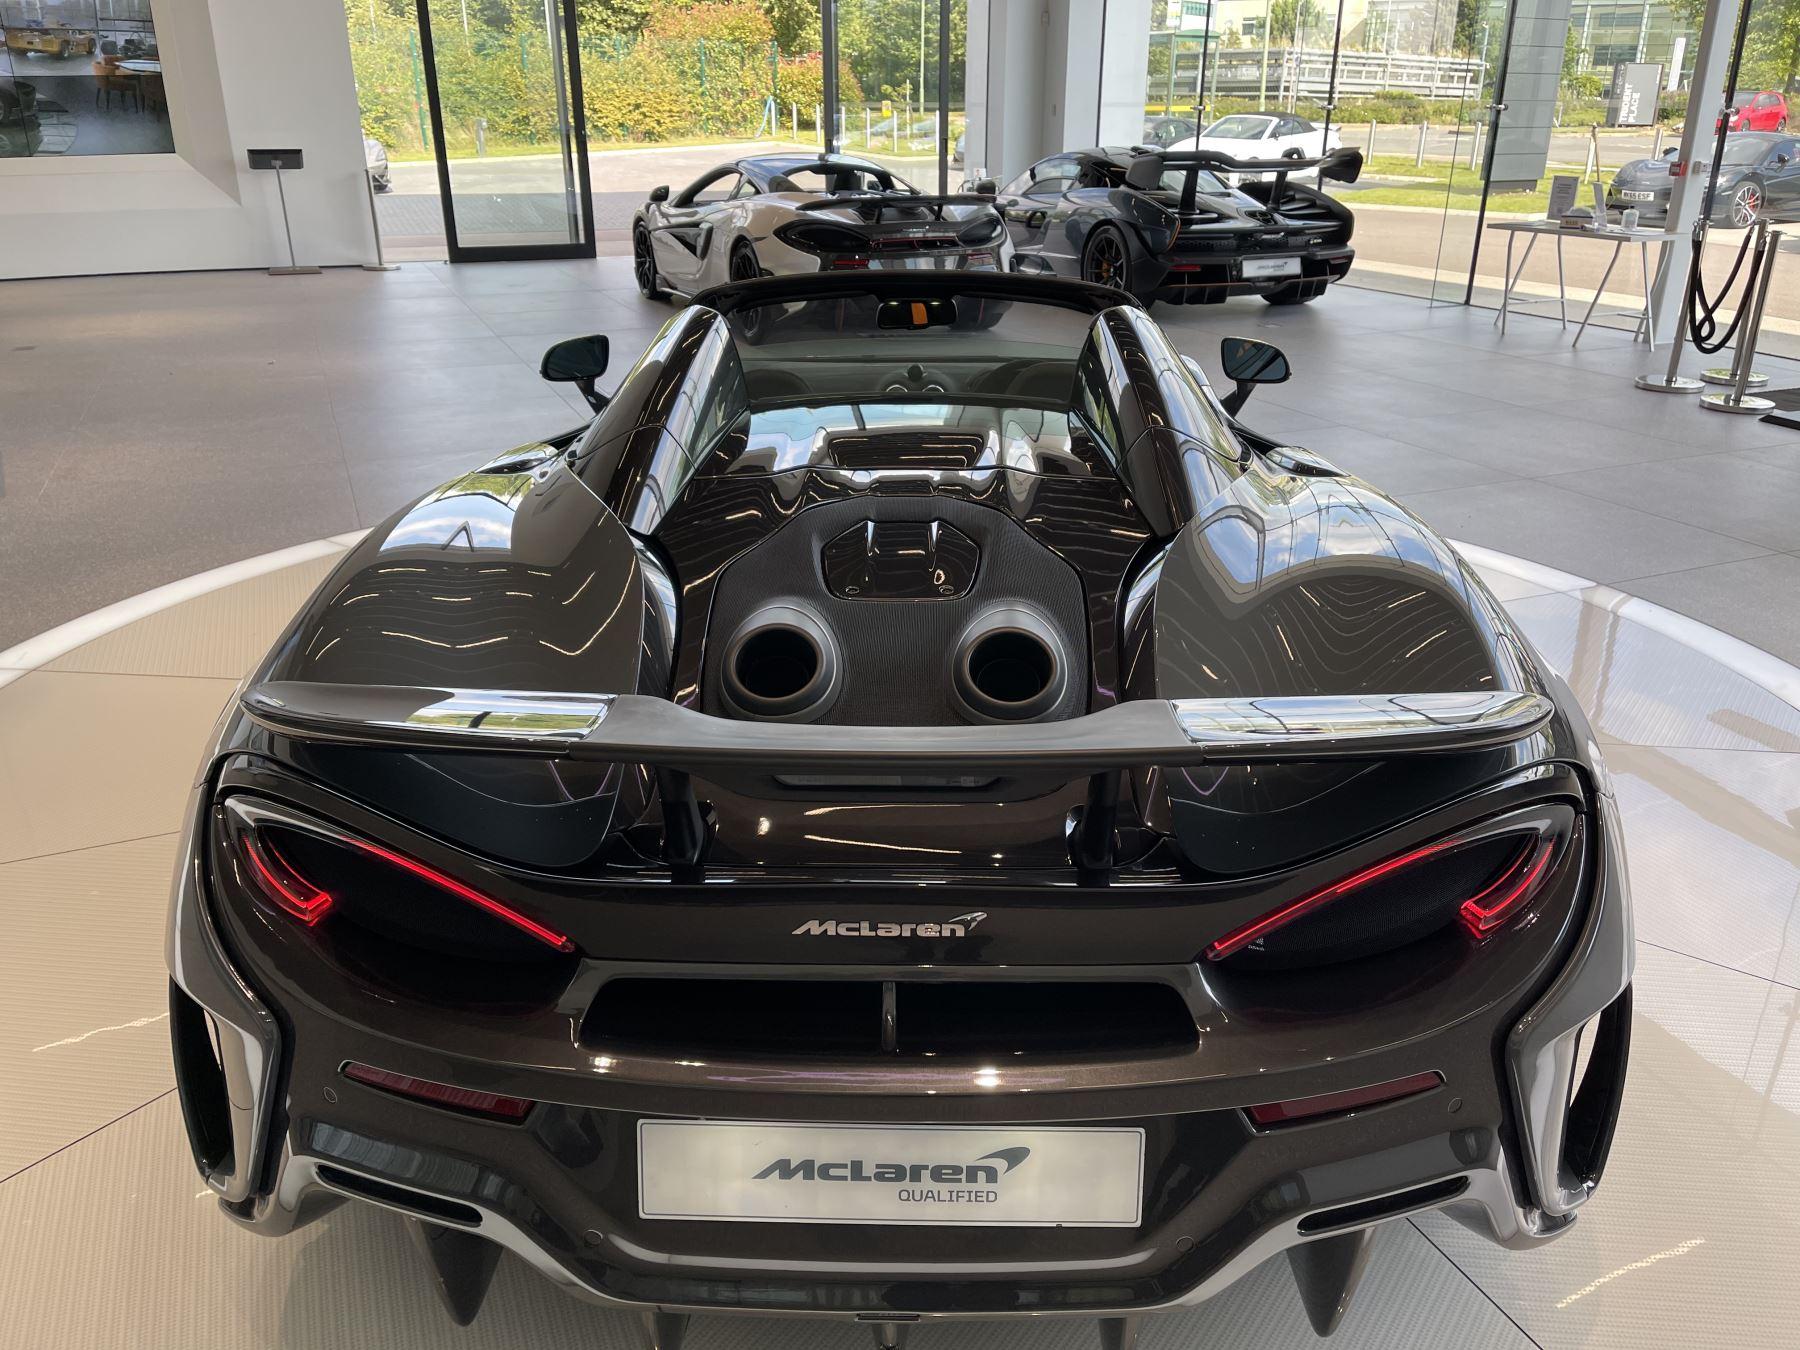 McLaren 600LT Spider V8 SSG image 2